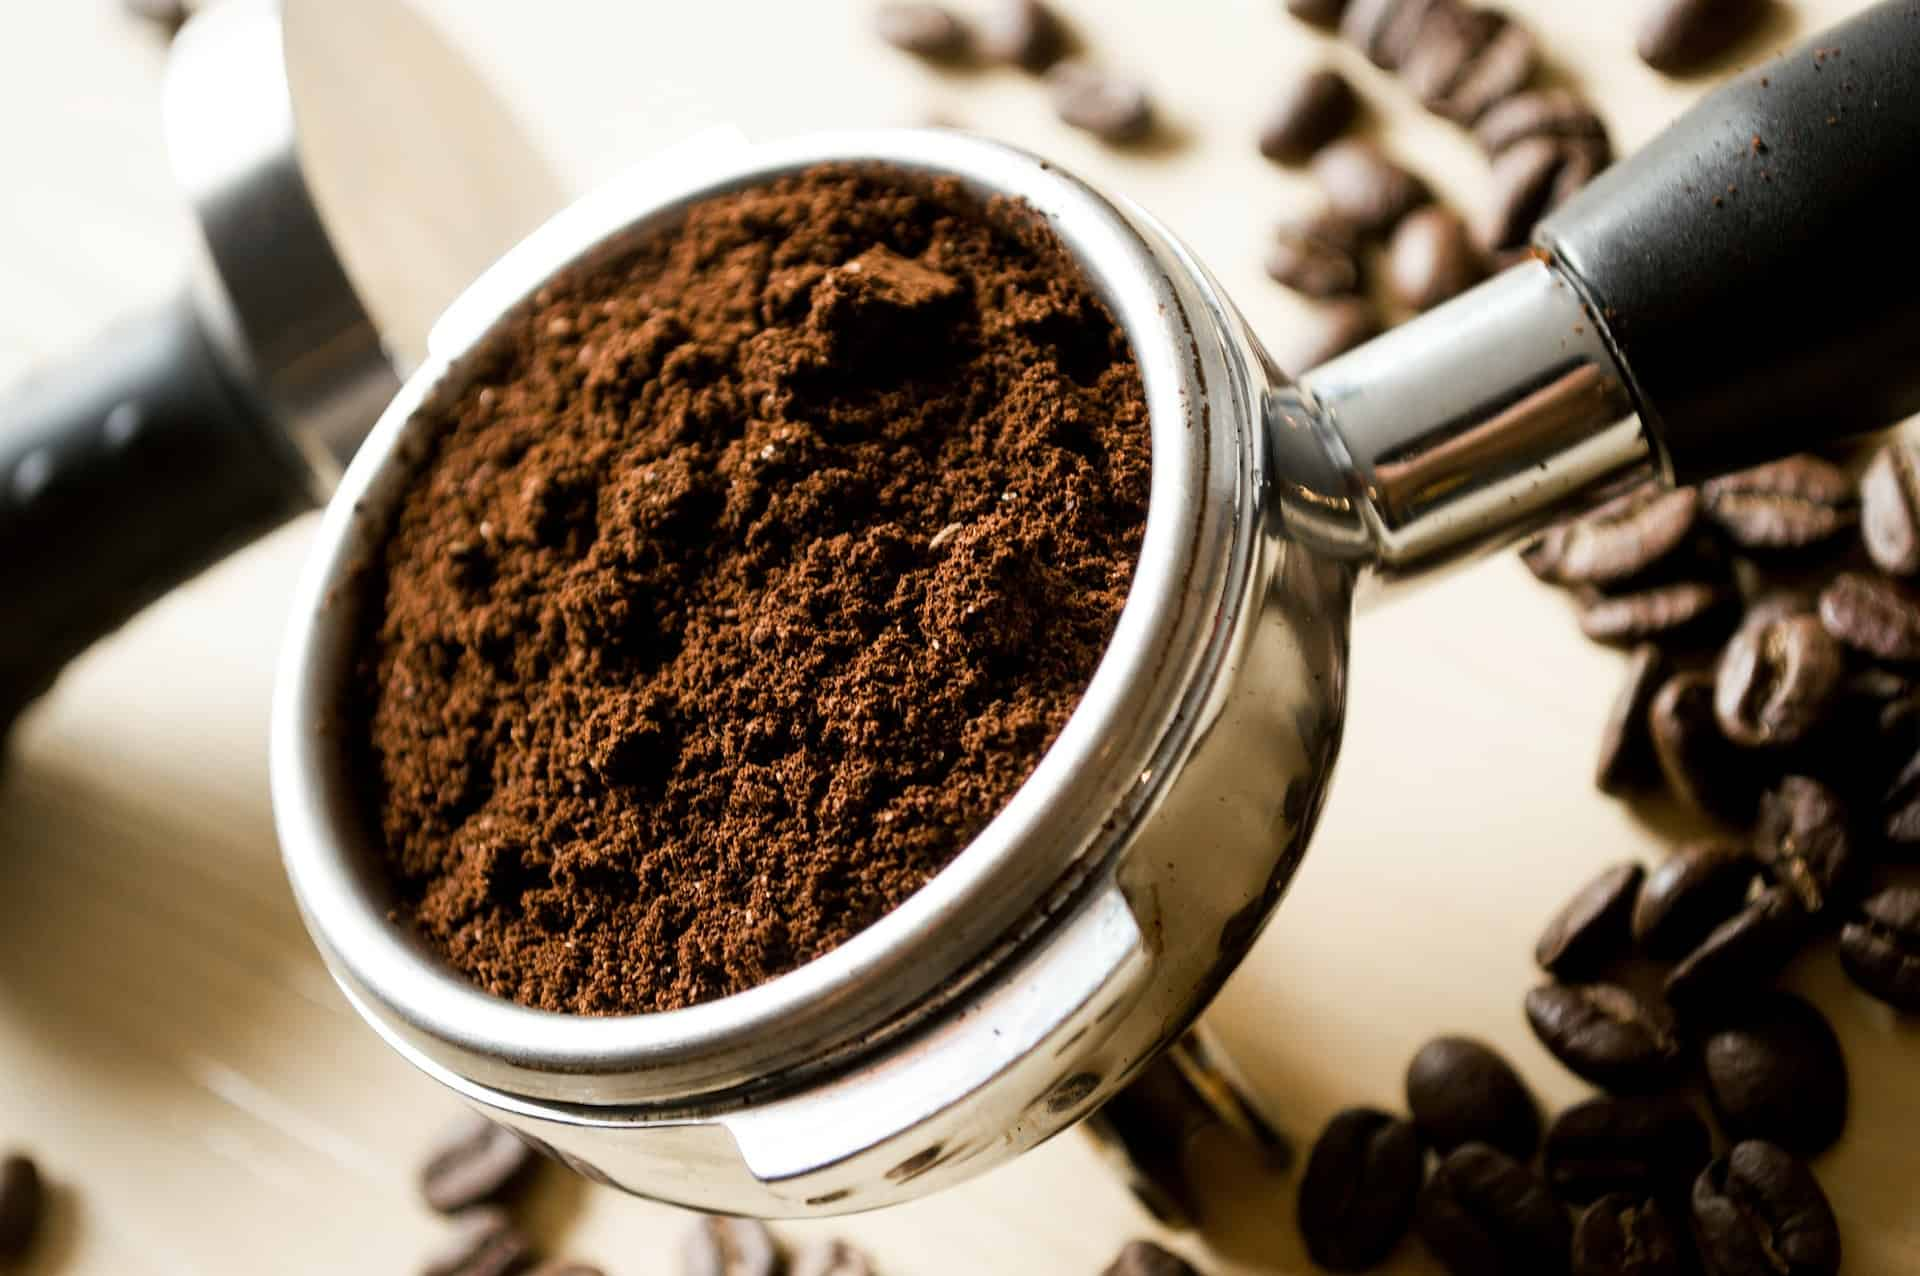 Elektrische Kaffeemühle: Test & Empfehlungen (01/20)